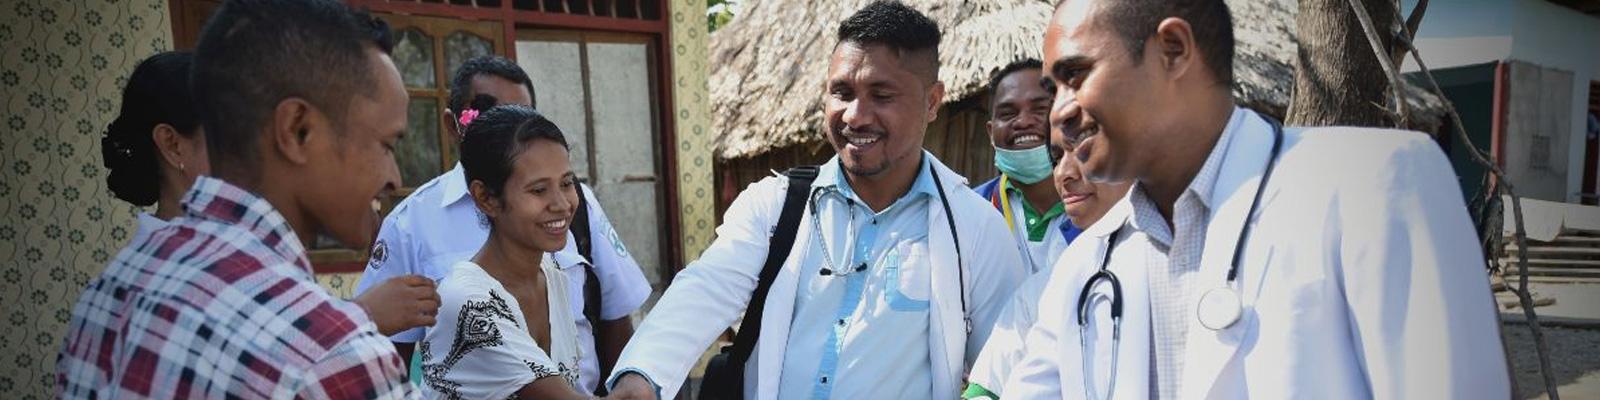 Picture - Timor-Leste